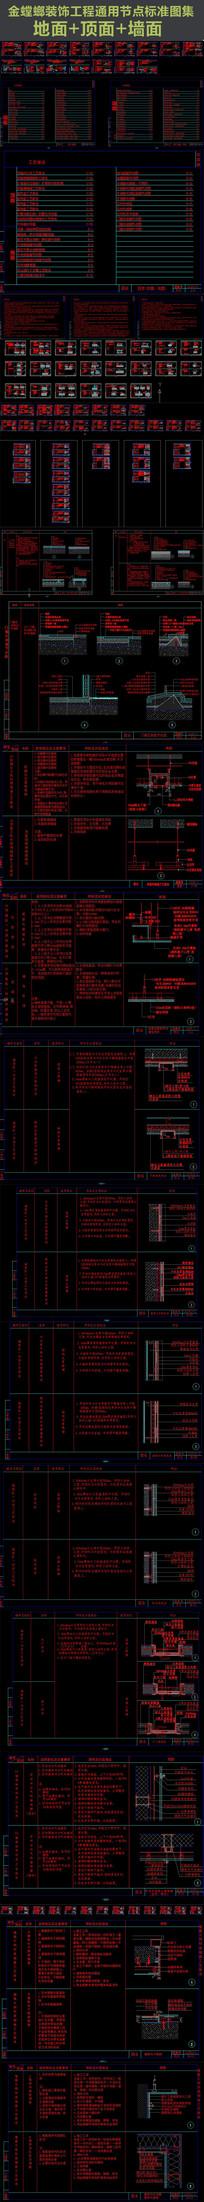 金螳螂工程墙面地面吊顶通用节点标准图集